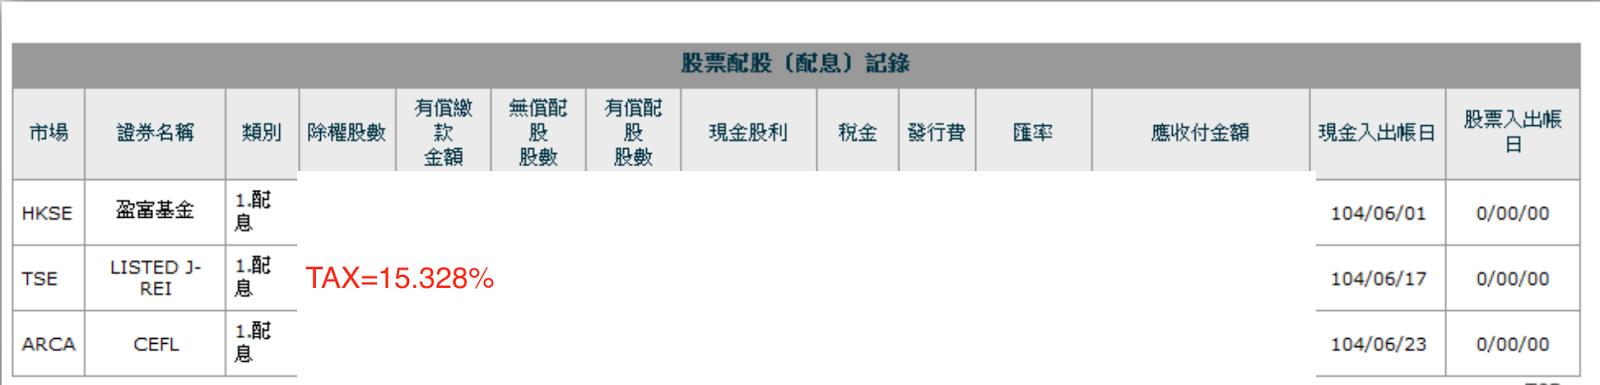 日本股票 現金股利 扣稅 15.31% @ 股息 現金流 被動收入 理財的心路歷程 :: 痞客邦